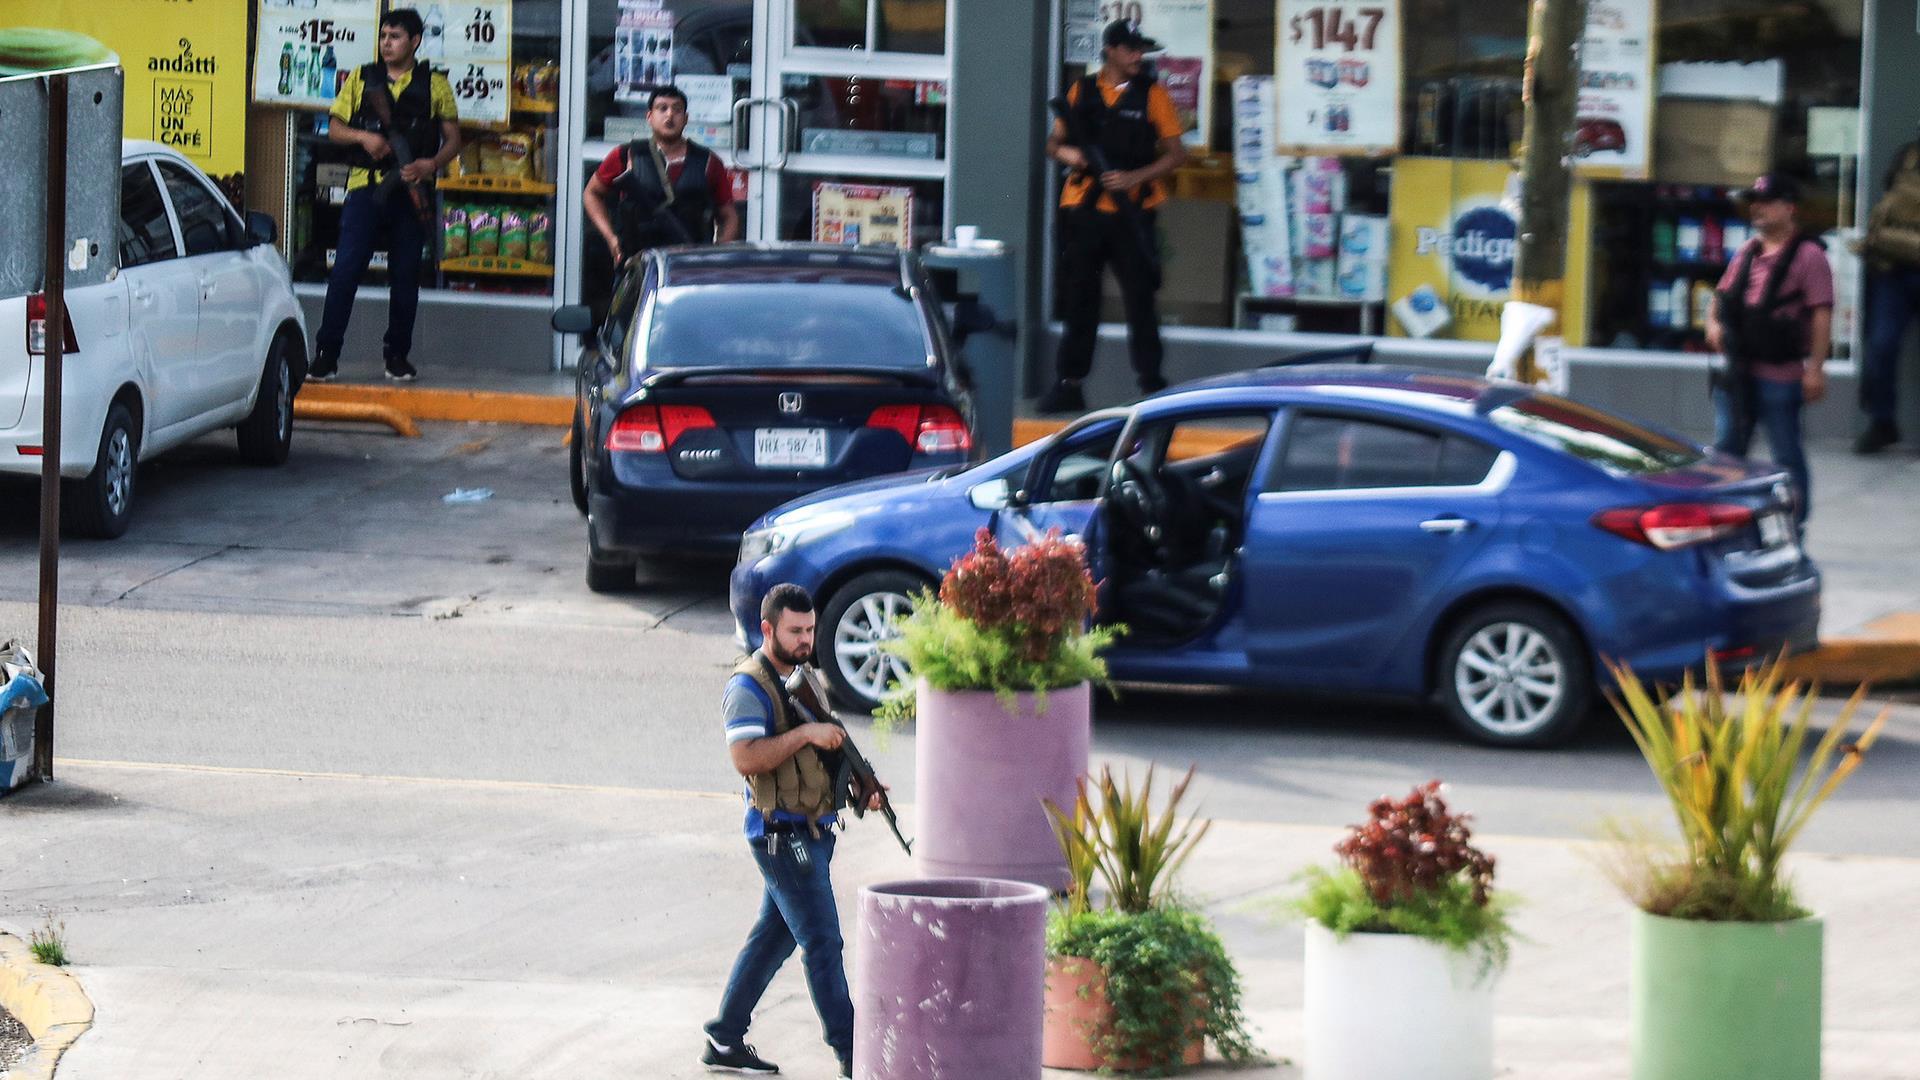 Gunbattles erupt in Mexico when El Chapo's son is captured, prompting his release